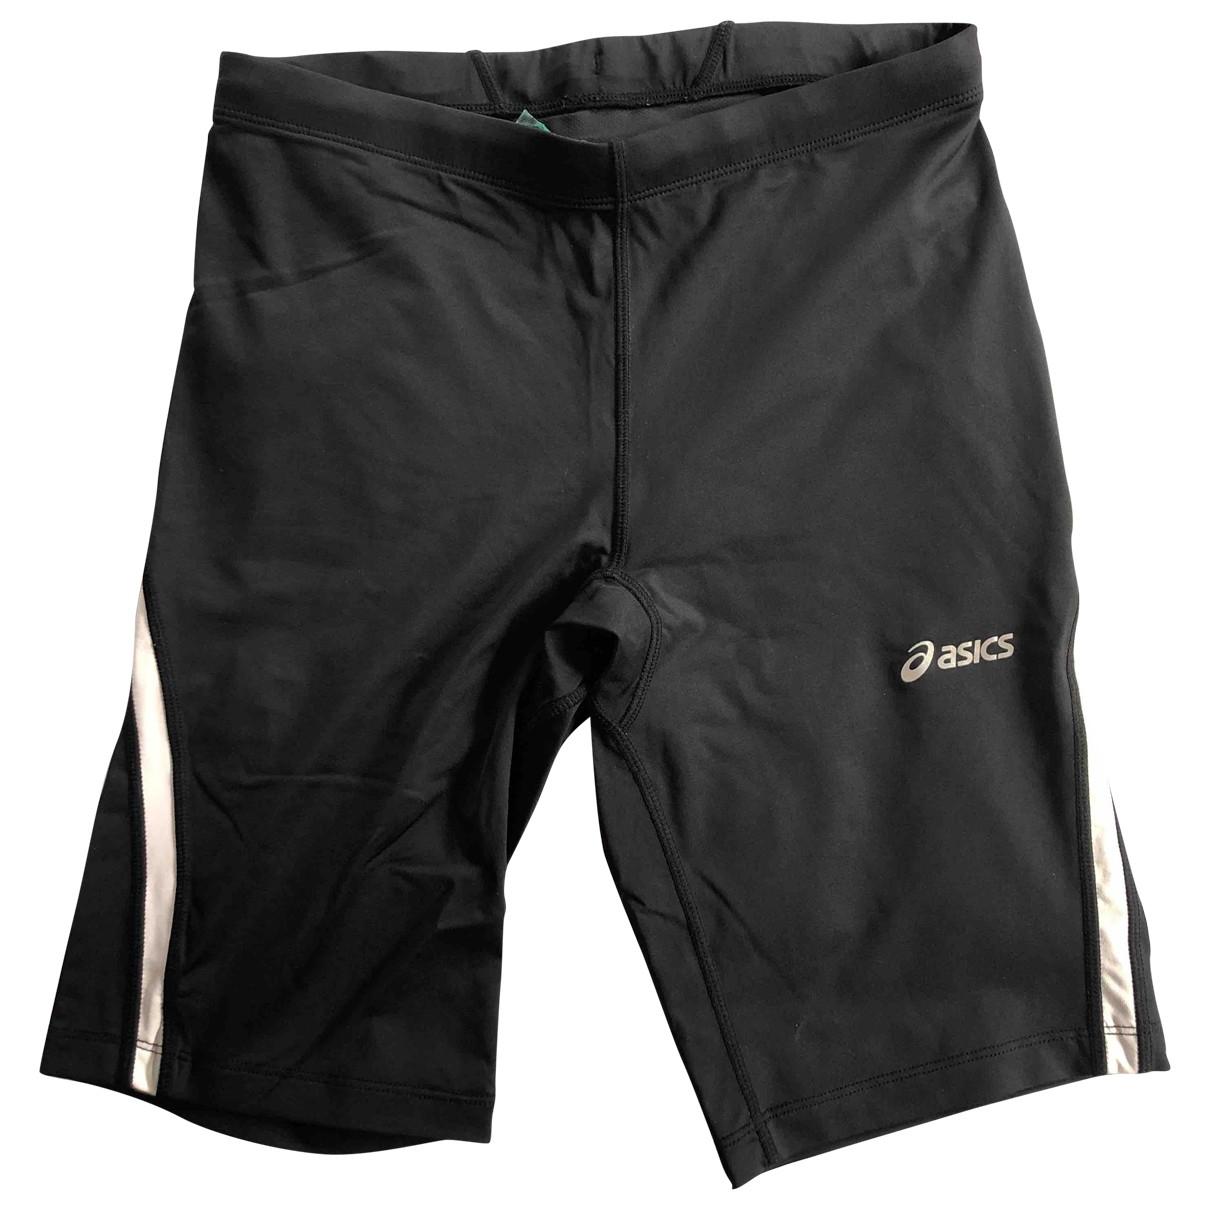 Asics \N Black Shorts for Women M International